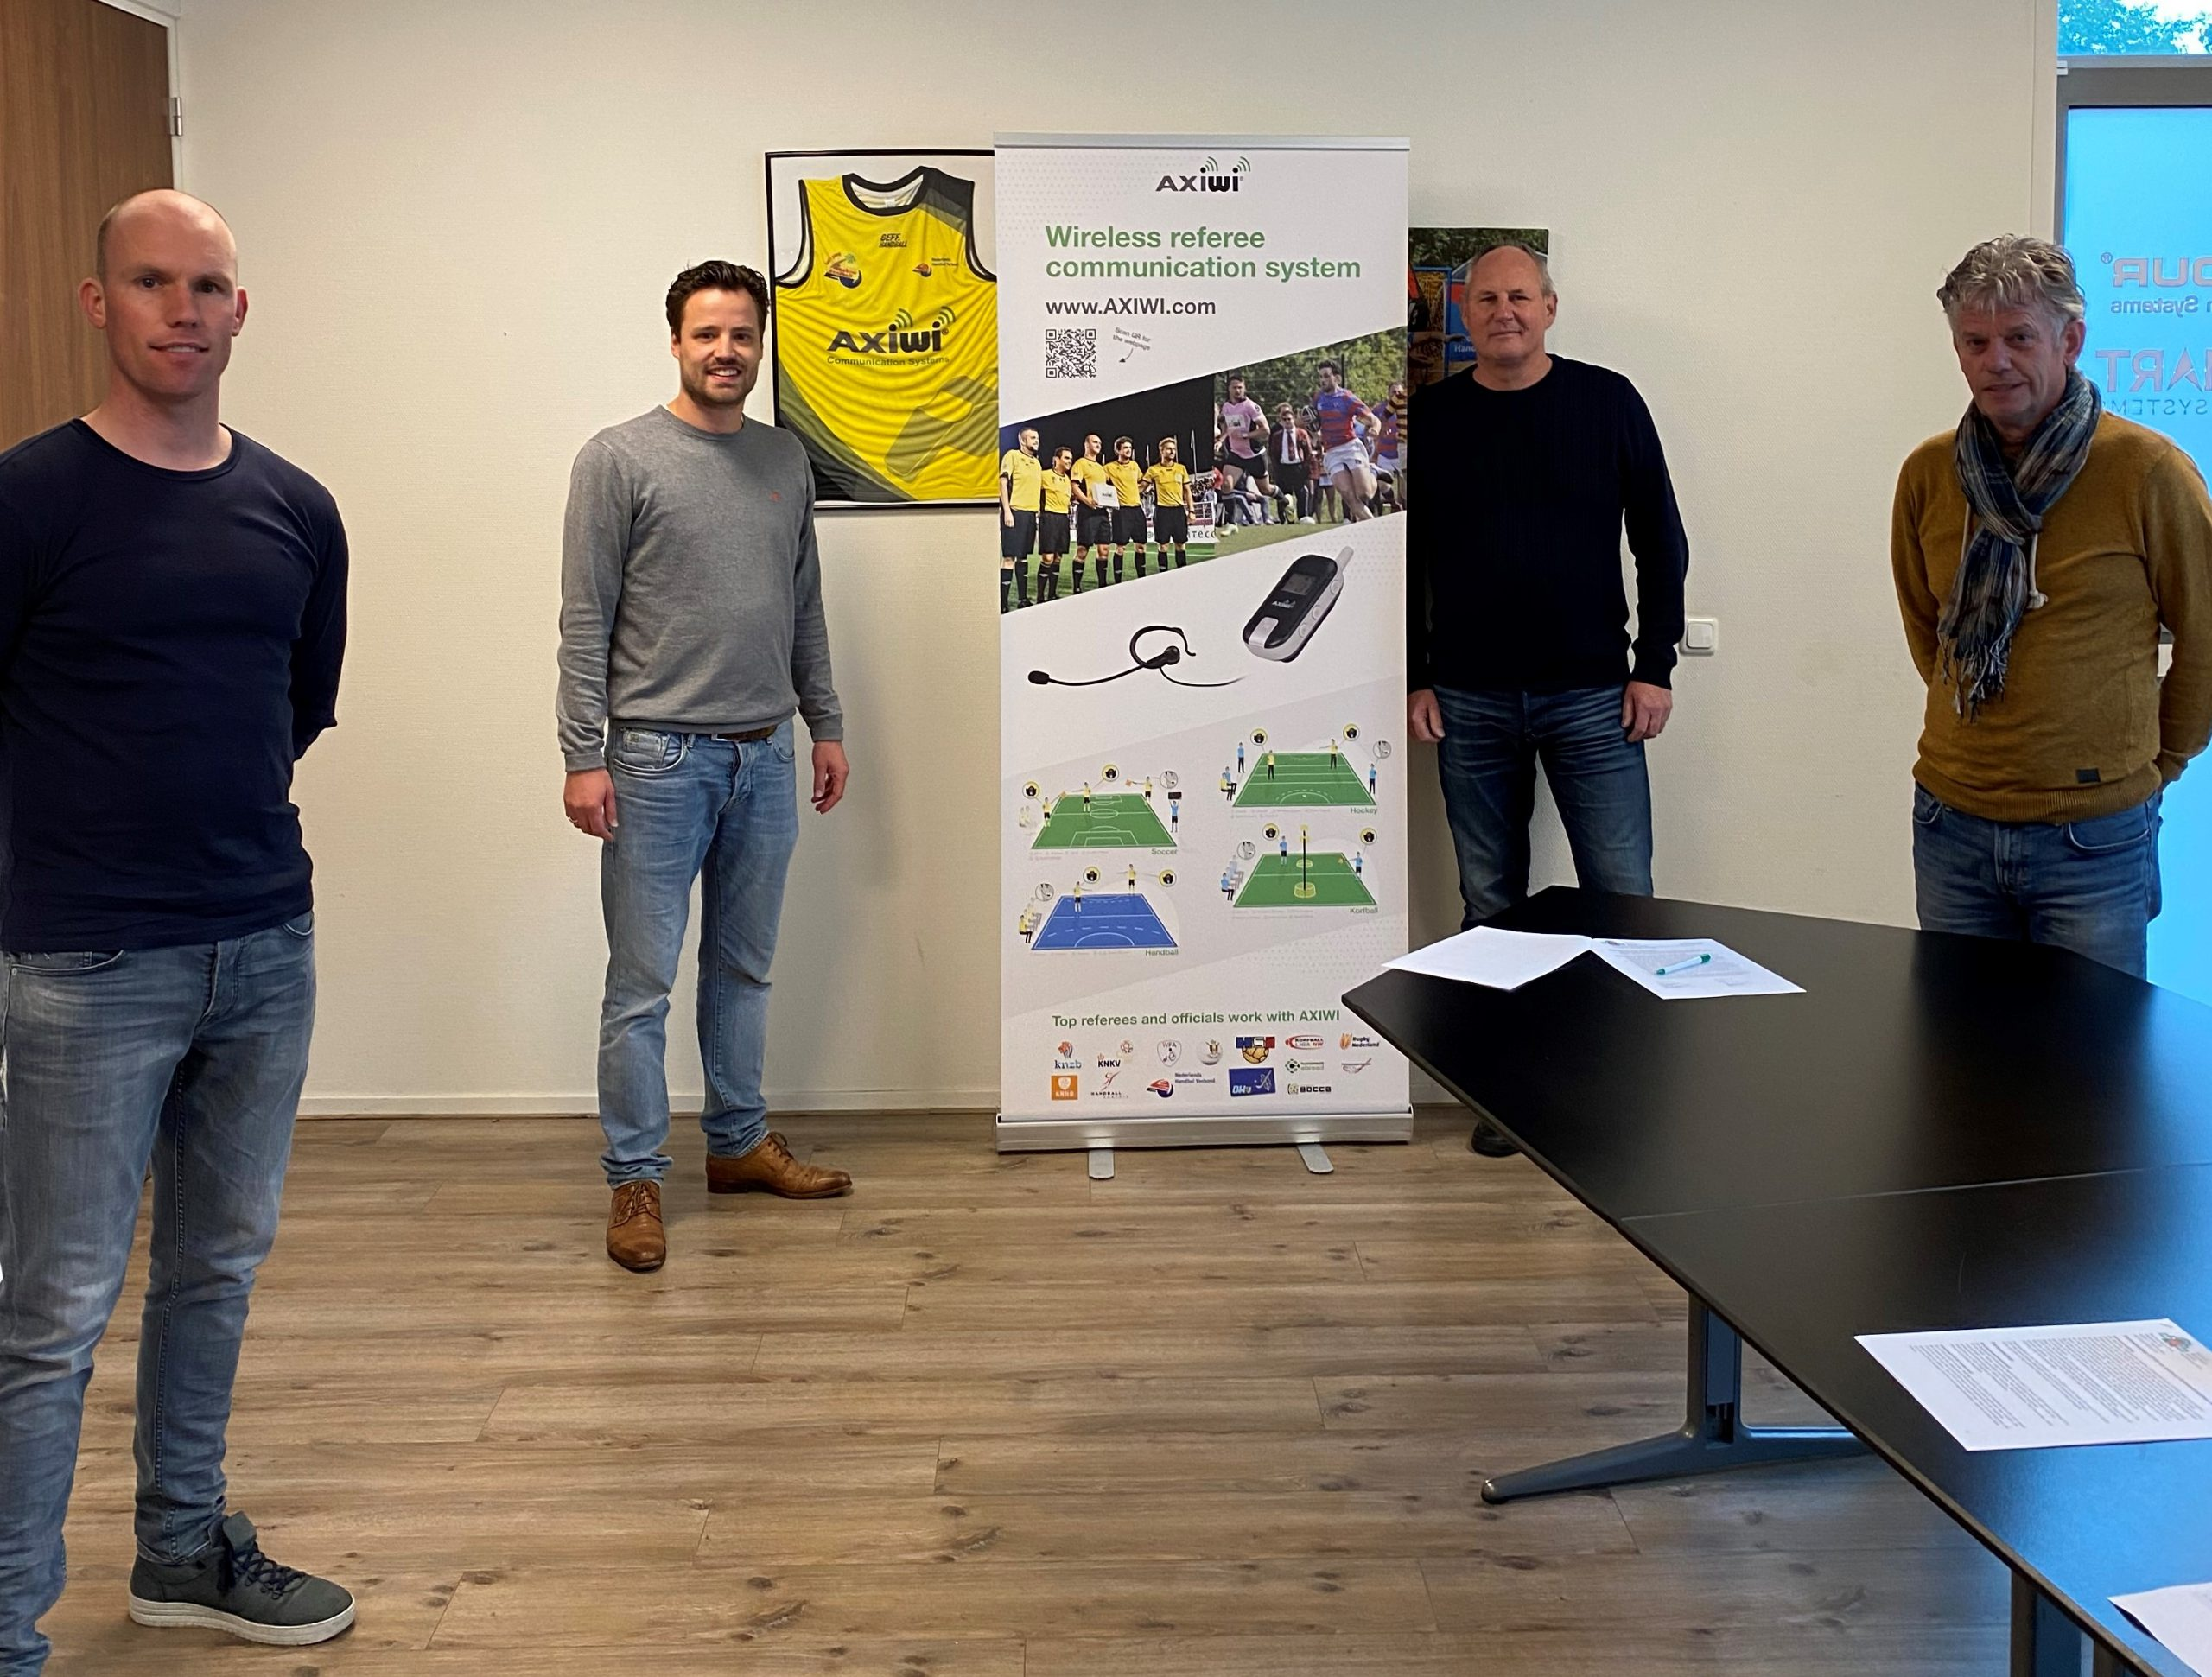 covs-voetbal-scheidsrechter-verening-axitour-samenwerking-leverancier-draadloze-headsets-2020